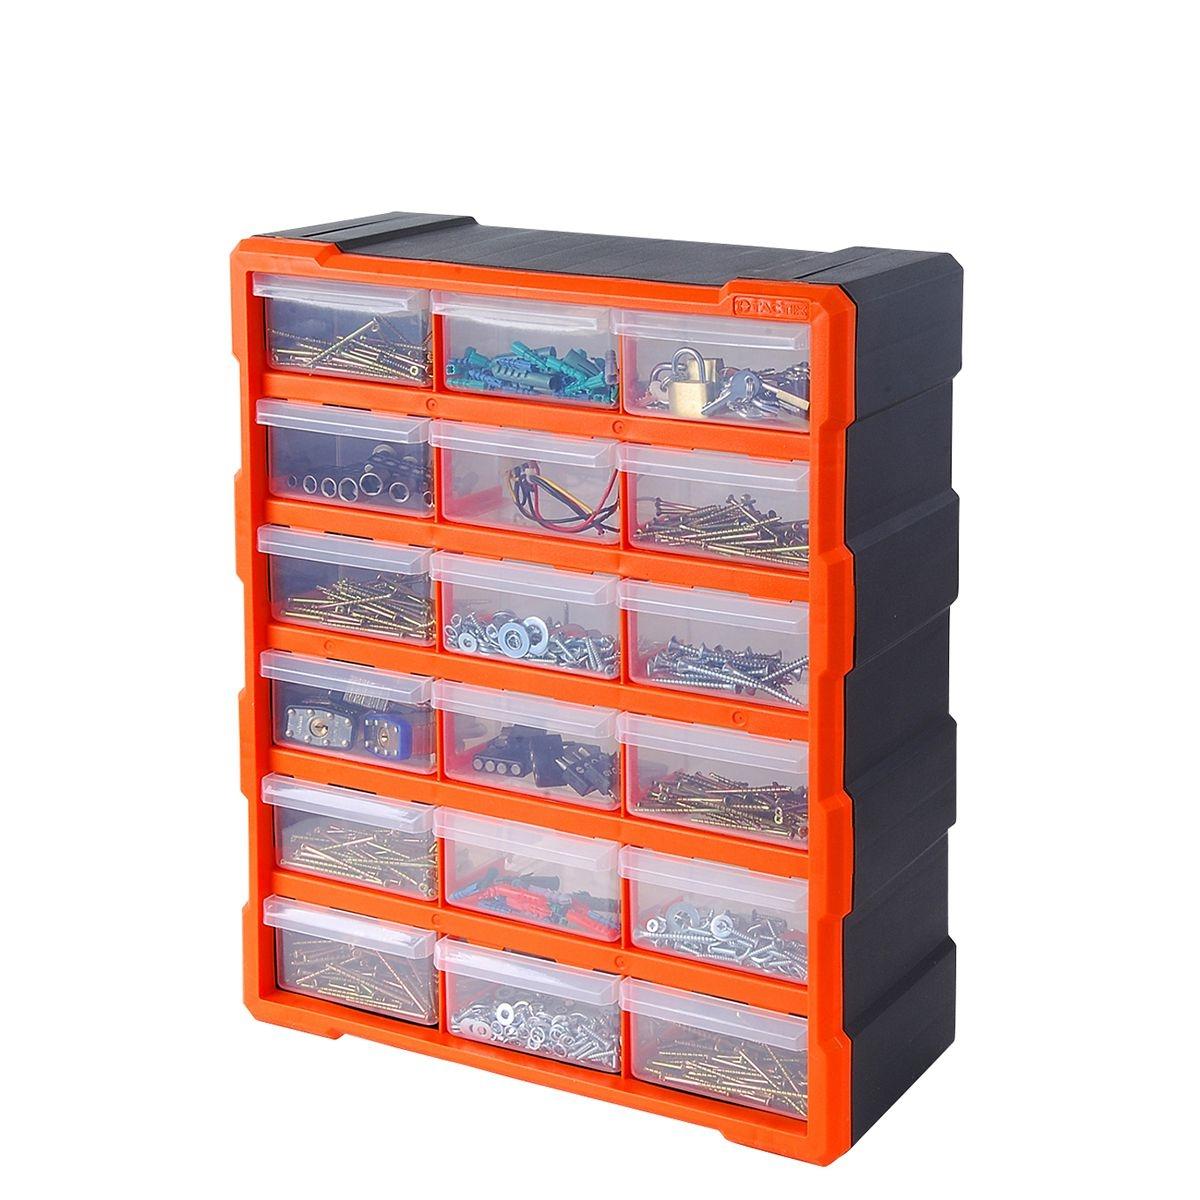 18 Drawer Hardware Storage Cabinet Small Parts Storage